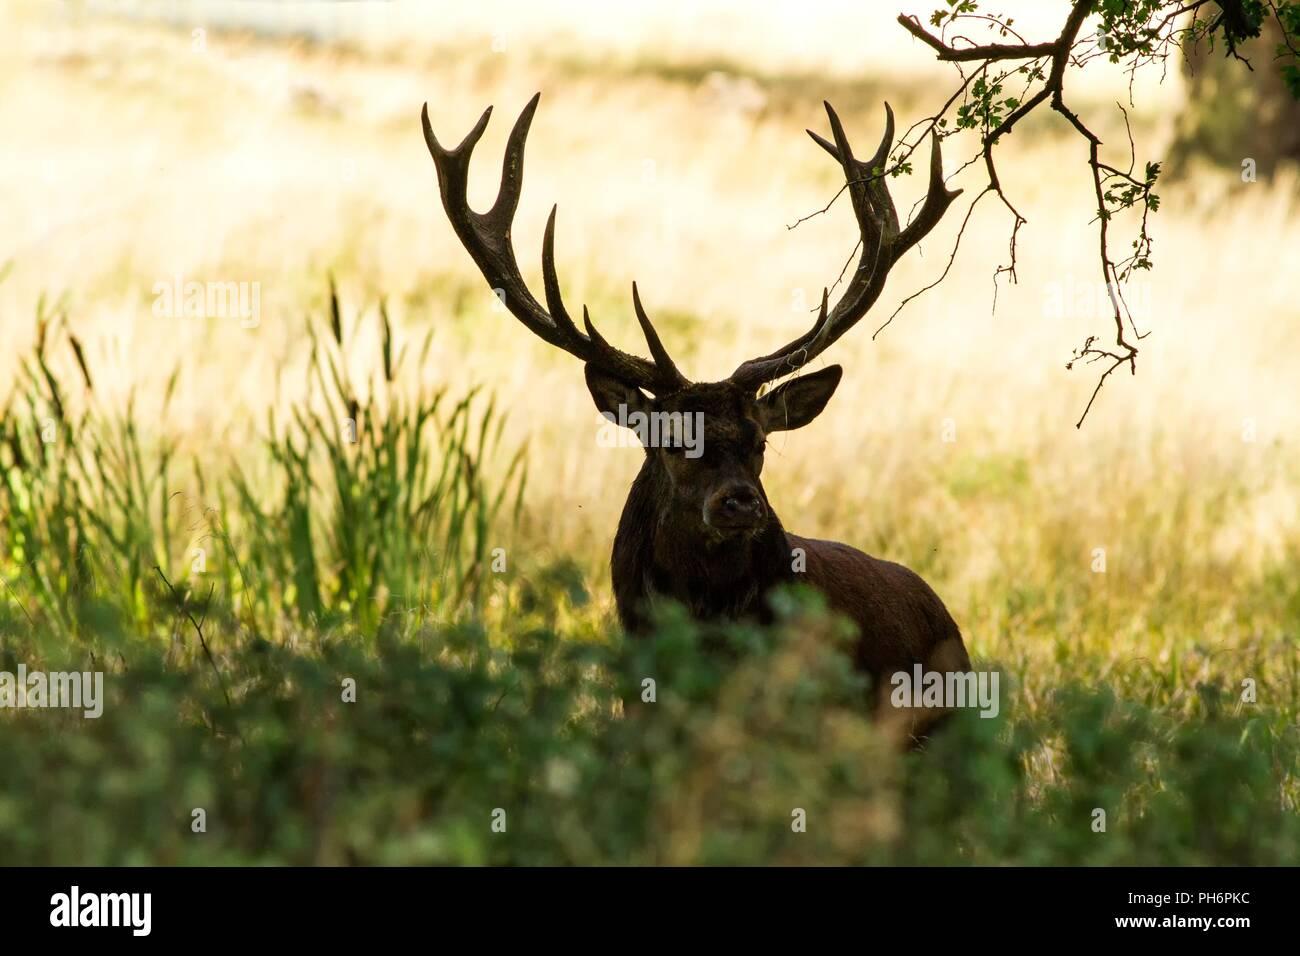 Majestätisch kraftvoll nach Red Deer stag außerhalb Herbst Wald in Dyrehaven, Dänemark. Paarungszeit, Rotwild im natürlichen Lebensraum Wald, große schöne Tier Stockbild